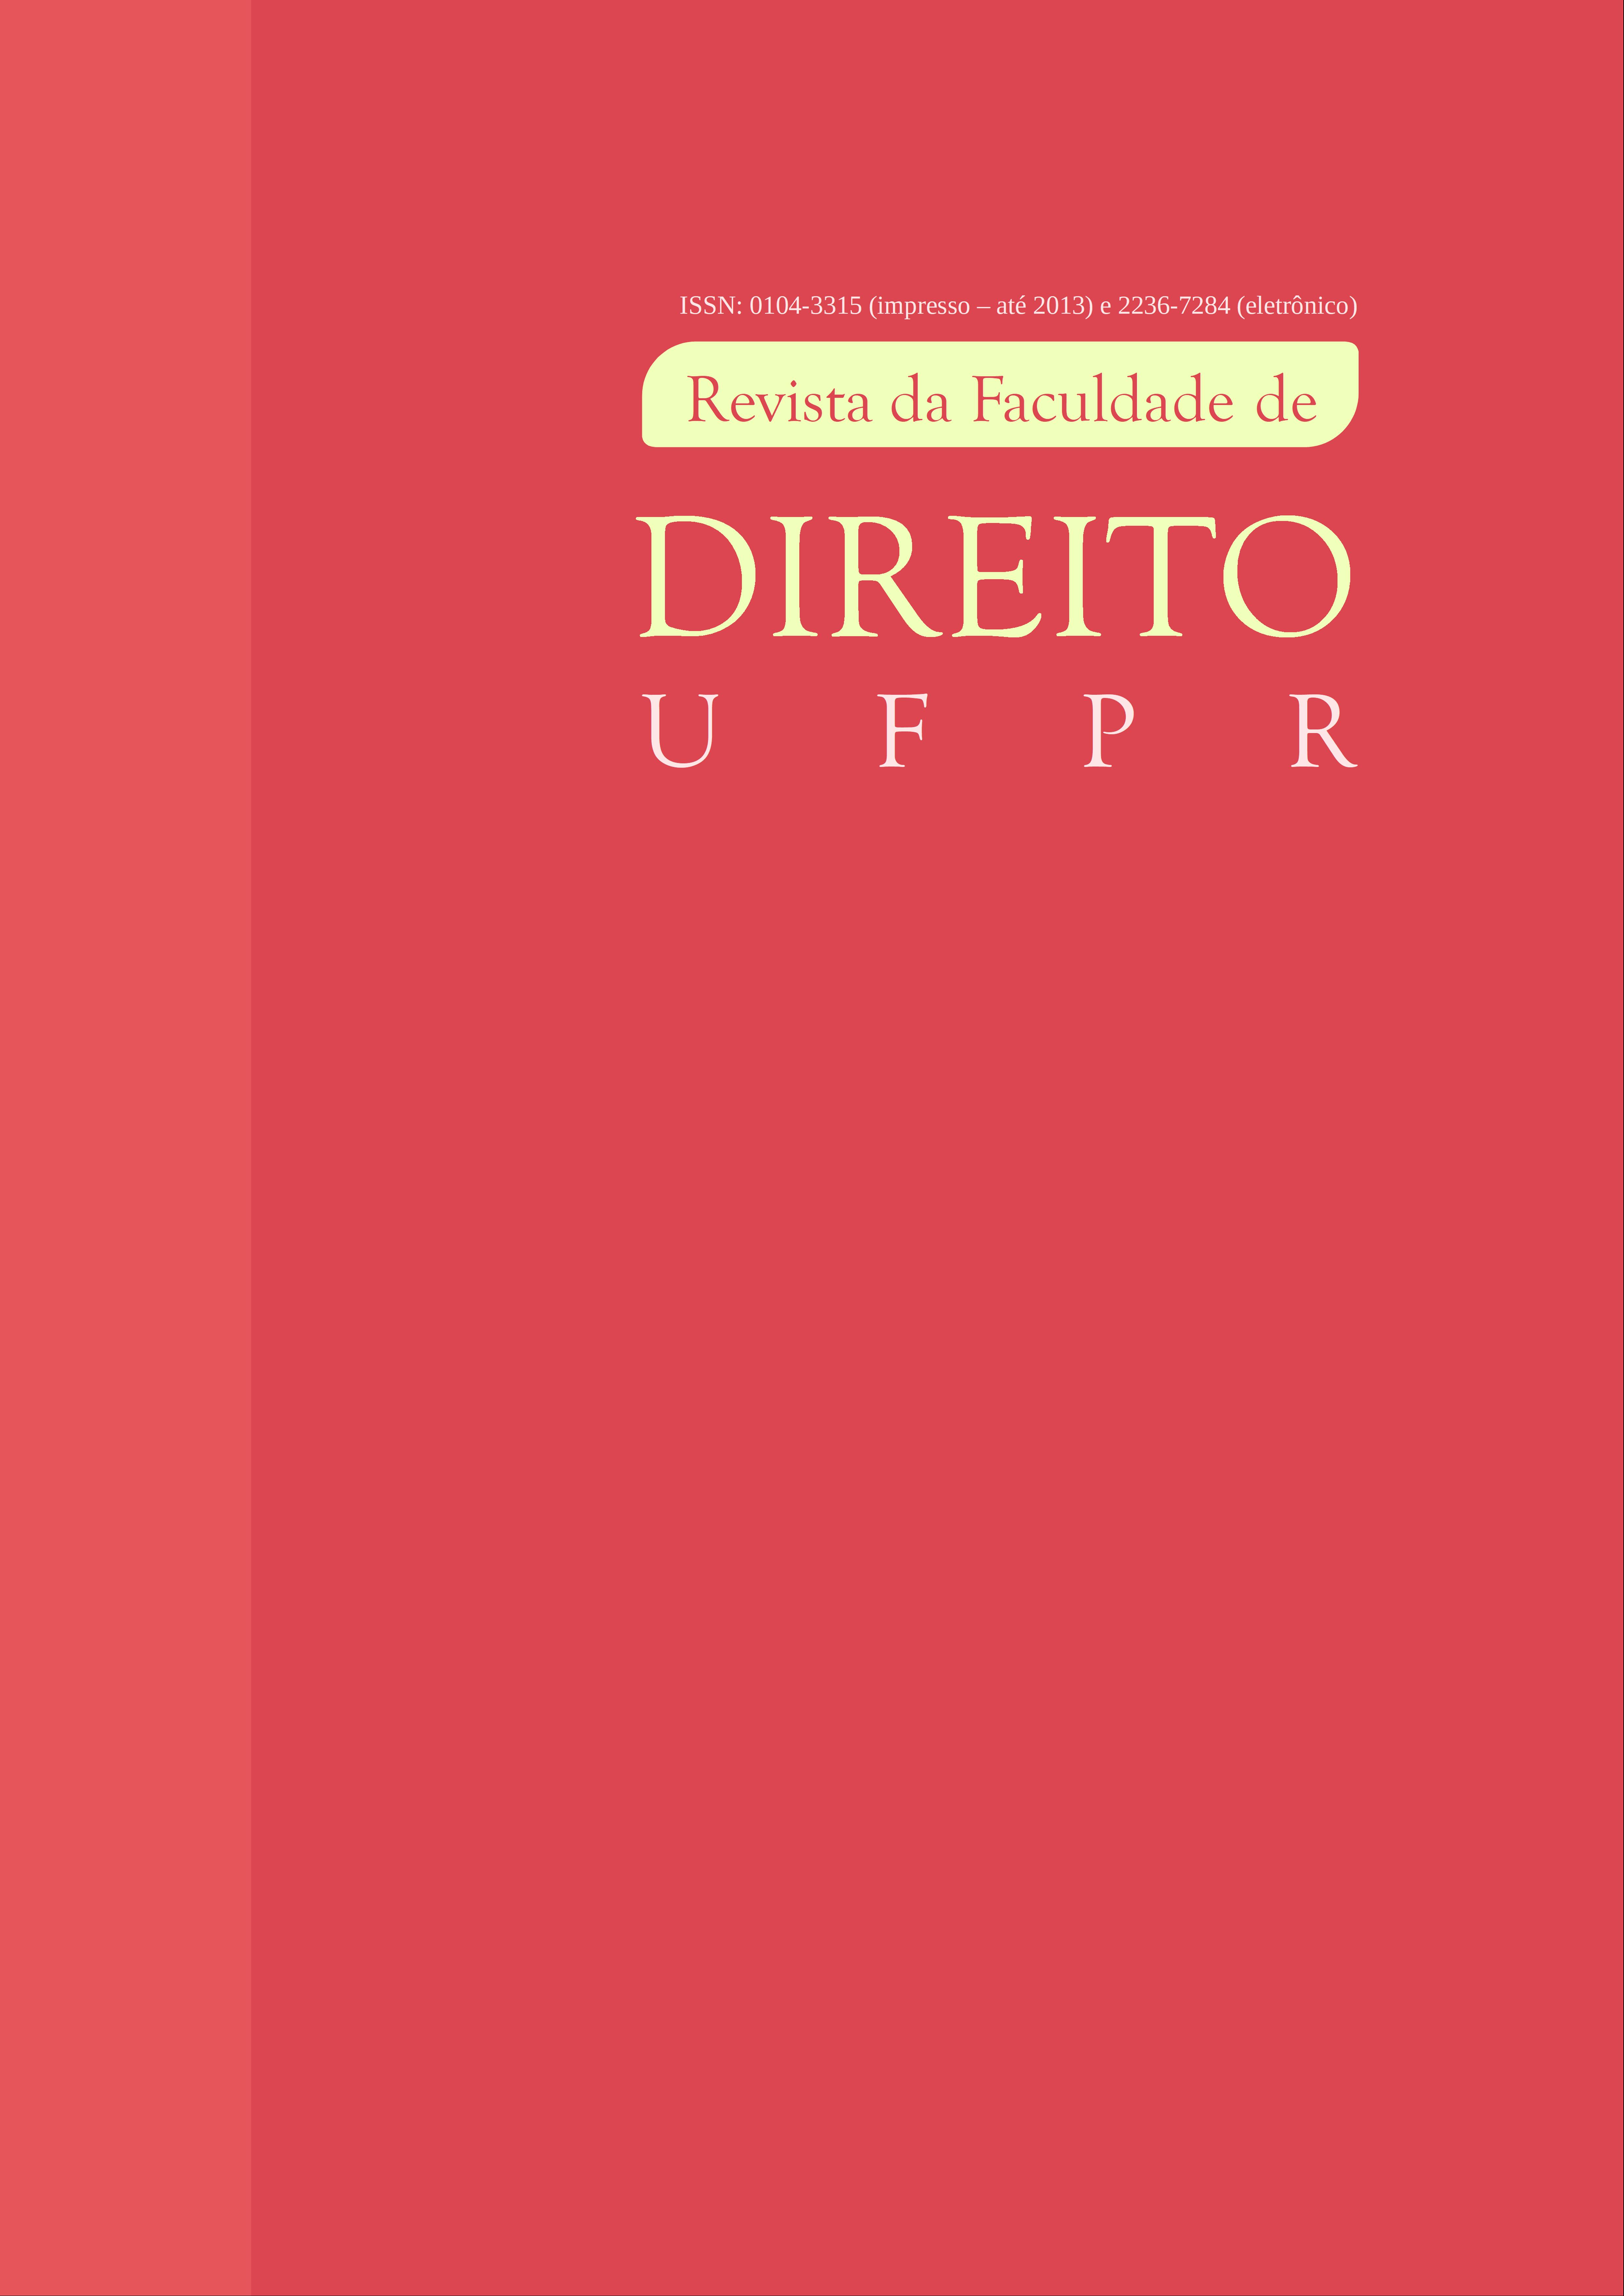 Capa da Revista da Faculdade de Direito UFPR. Desde 1953. Qualis A2. ISSN 2236-7284.